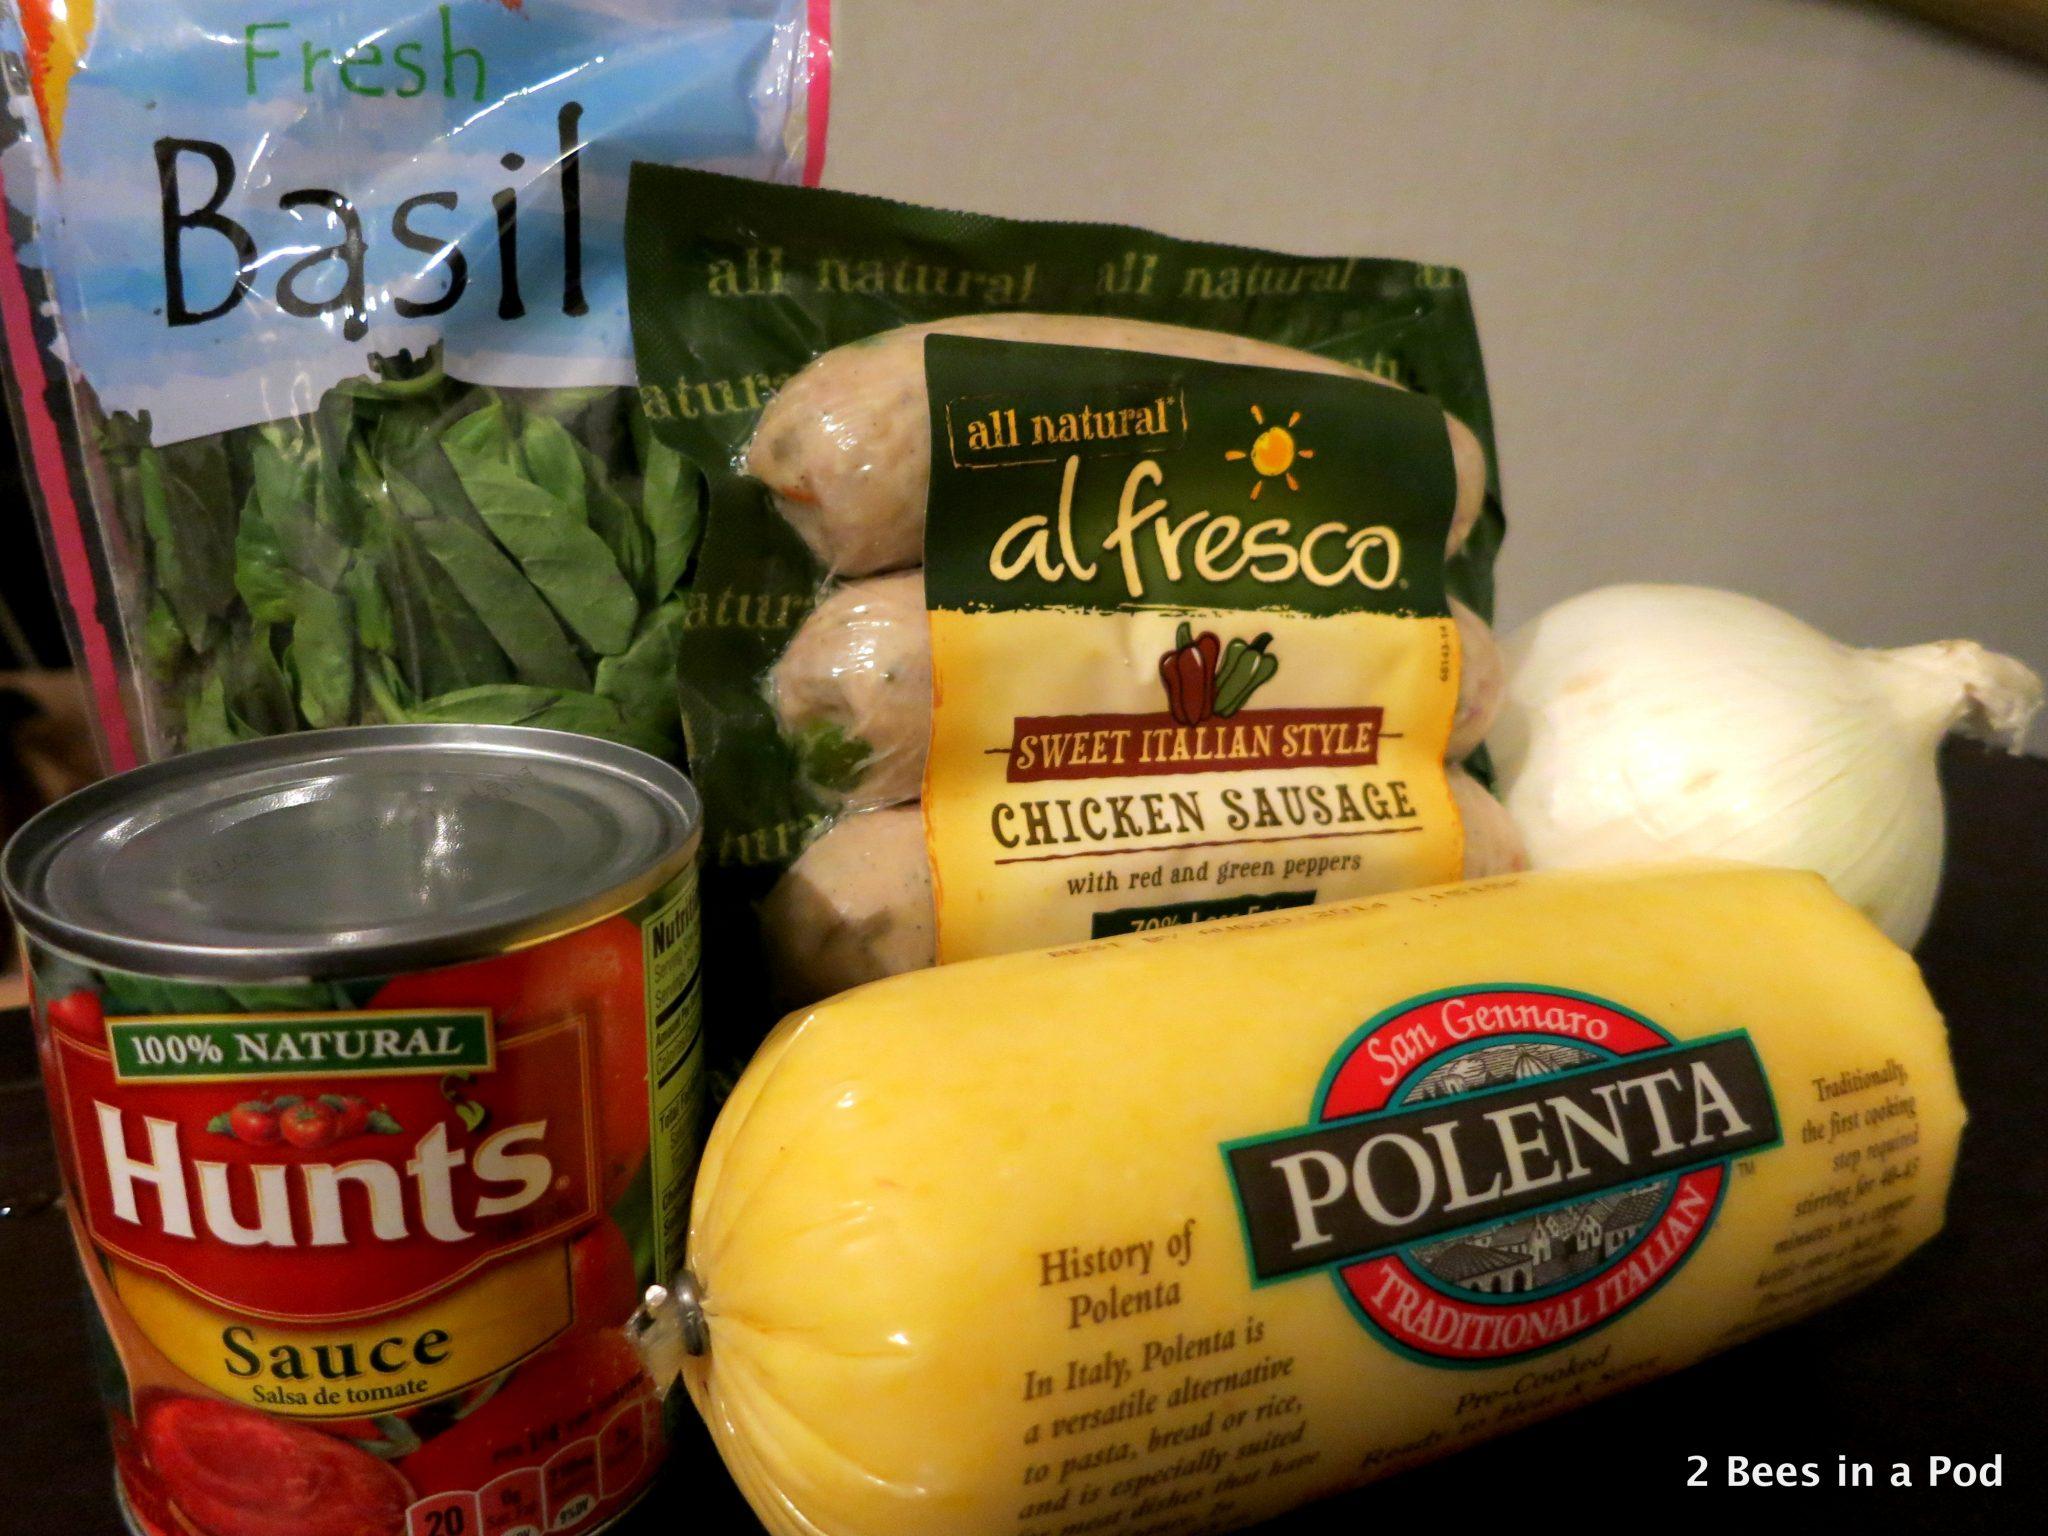 Ingredients for Polenta & Sausage - Weight Watchers Recipe